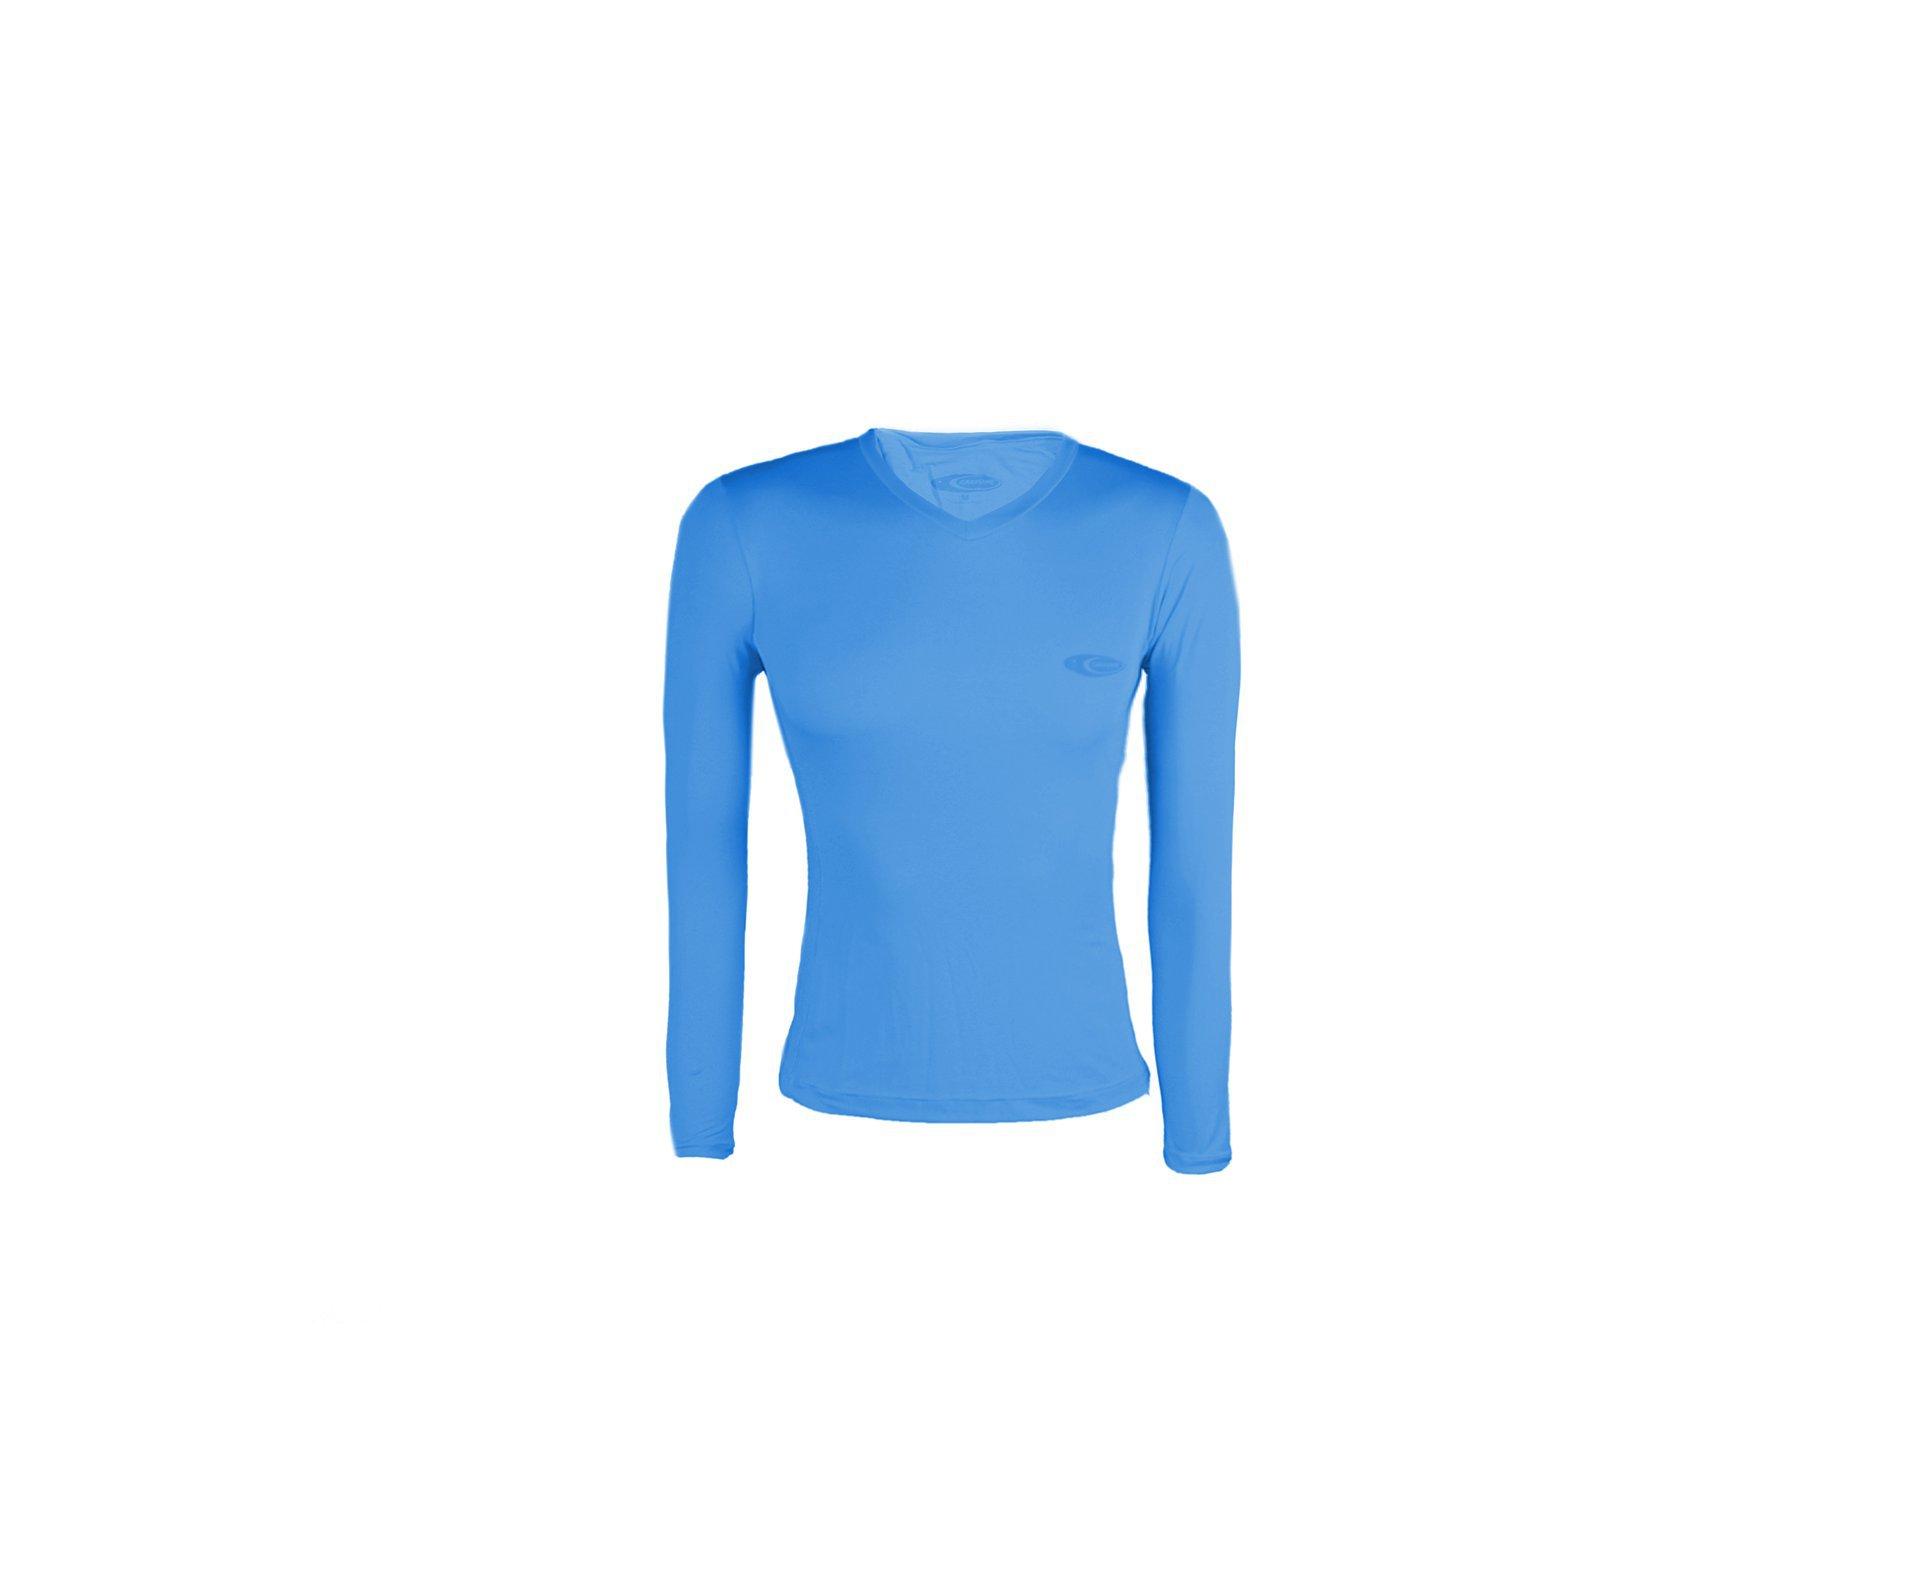 Camiseta Softline Feminina Azul - Proteção Uva/uvb 50+ Fps - Cardume